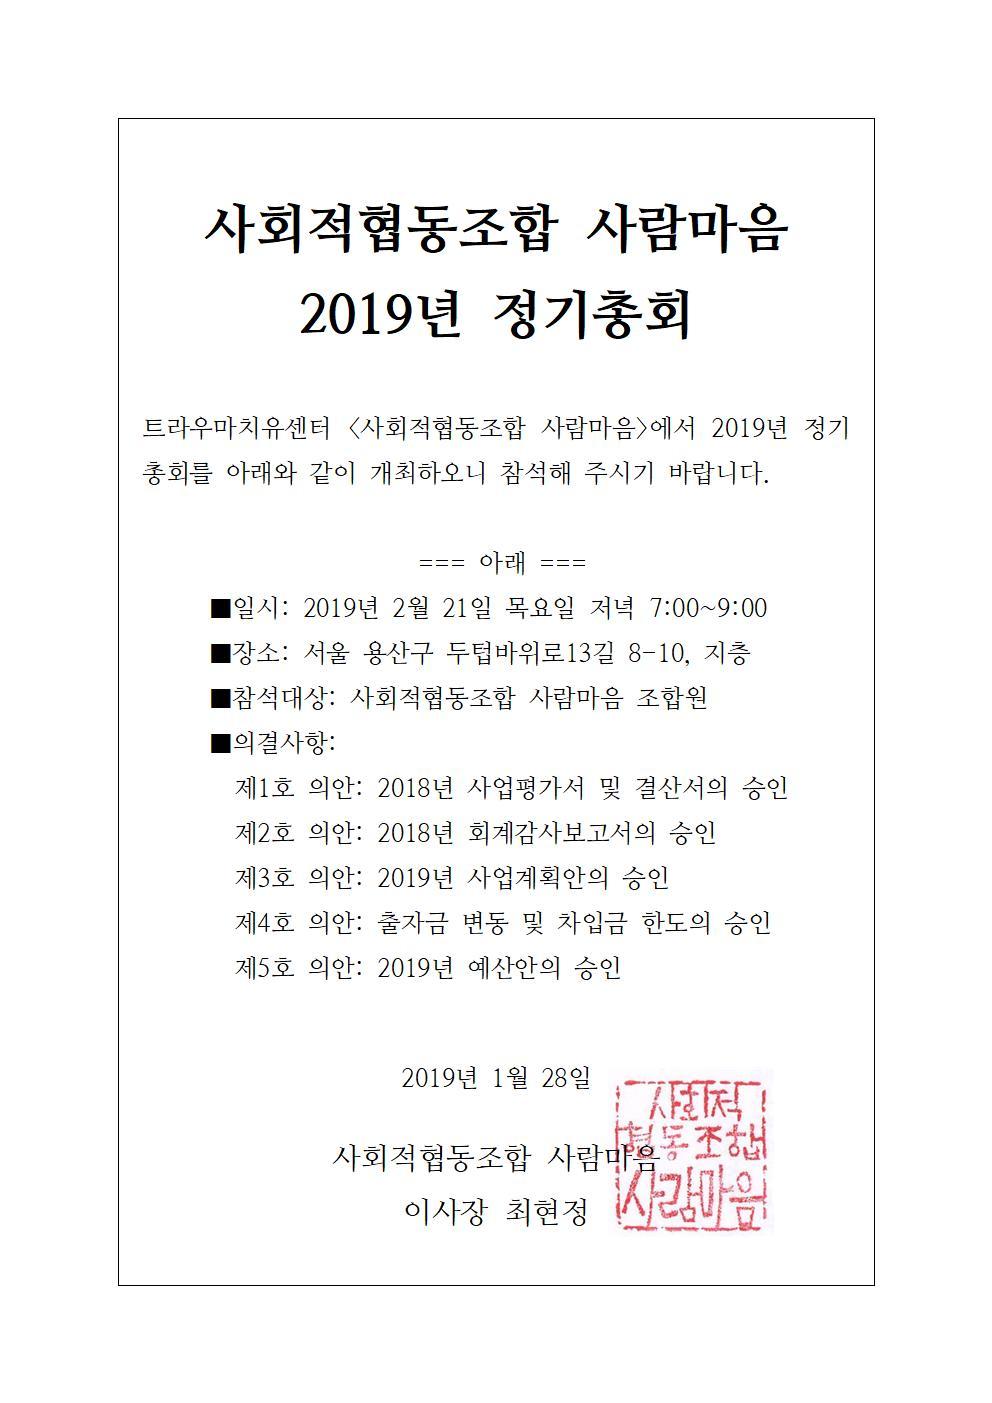 201901_사람마음_정기총회공고.jpg